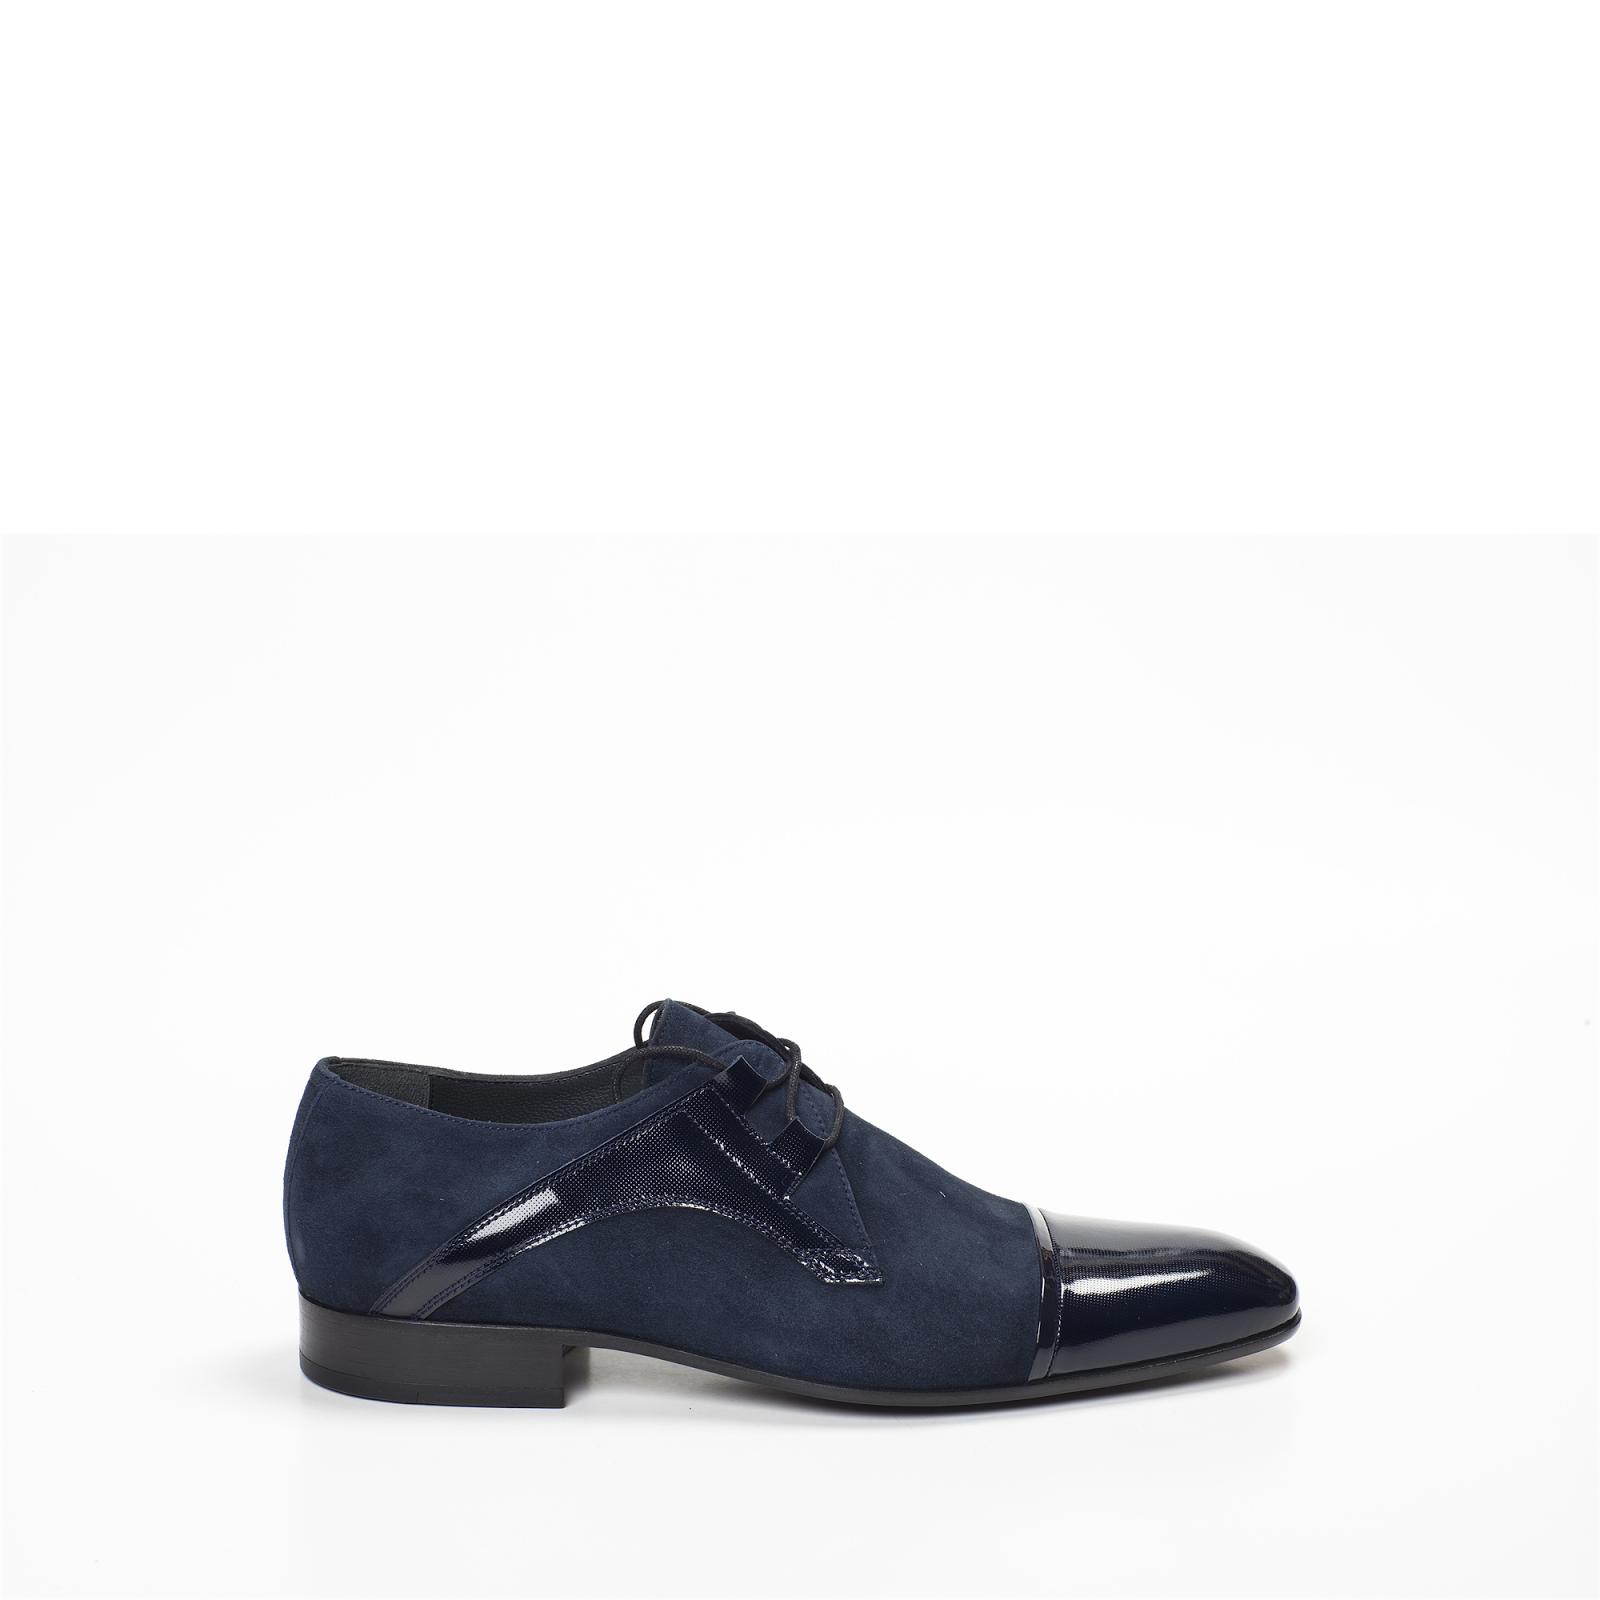 a92a352ff29 Binkelam'ın Kardeşi: Kemal Tanca 2014 Erkek Ayakkabı Modelleri